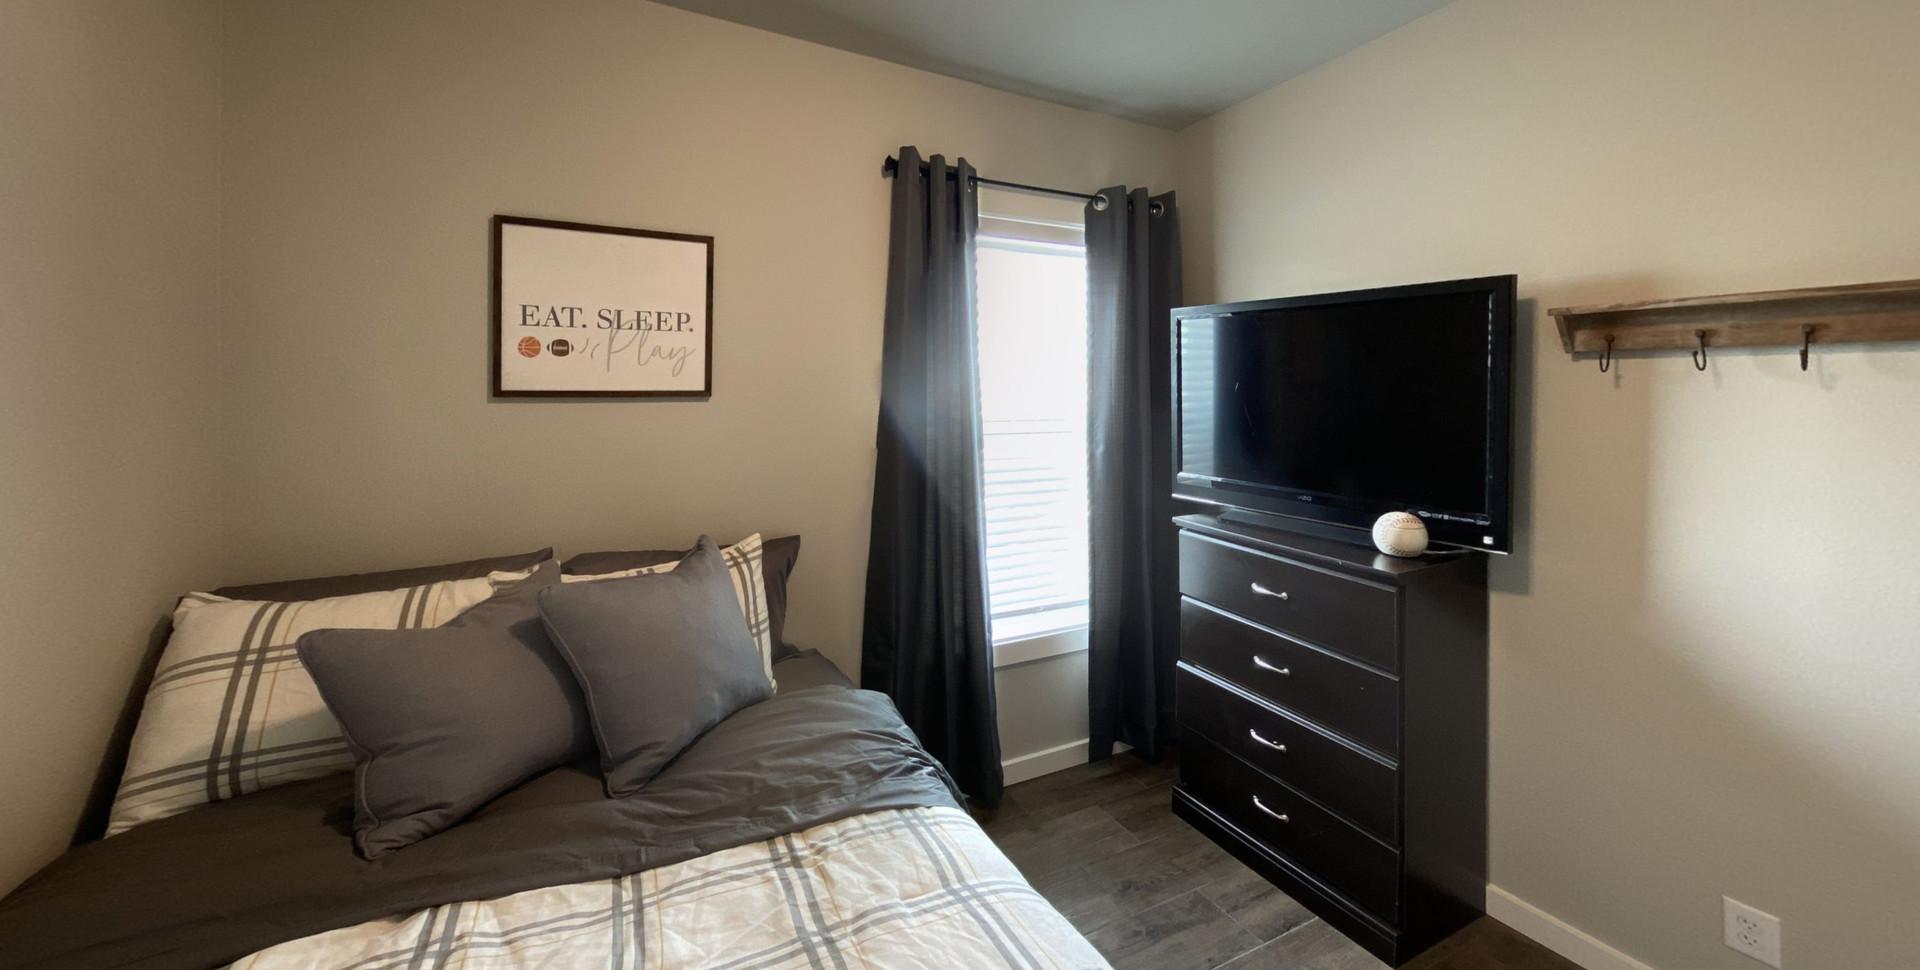 310-Omnia-Bedroom-2.jpg